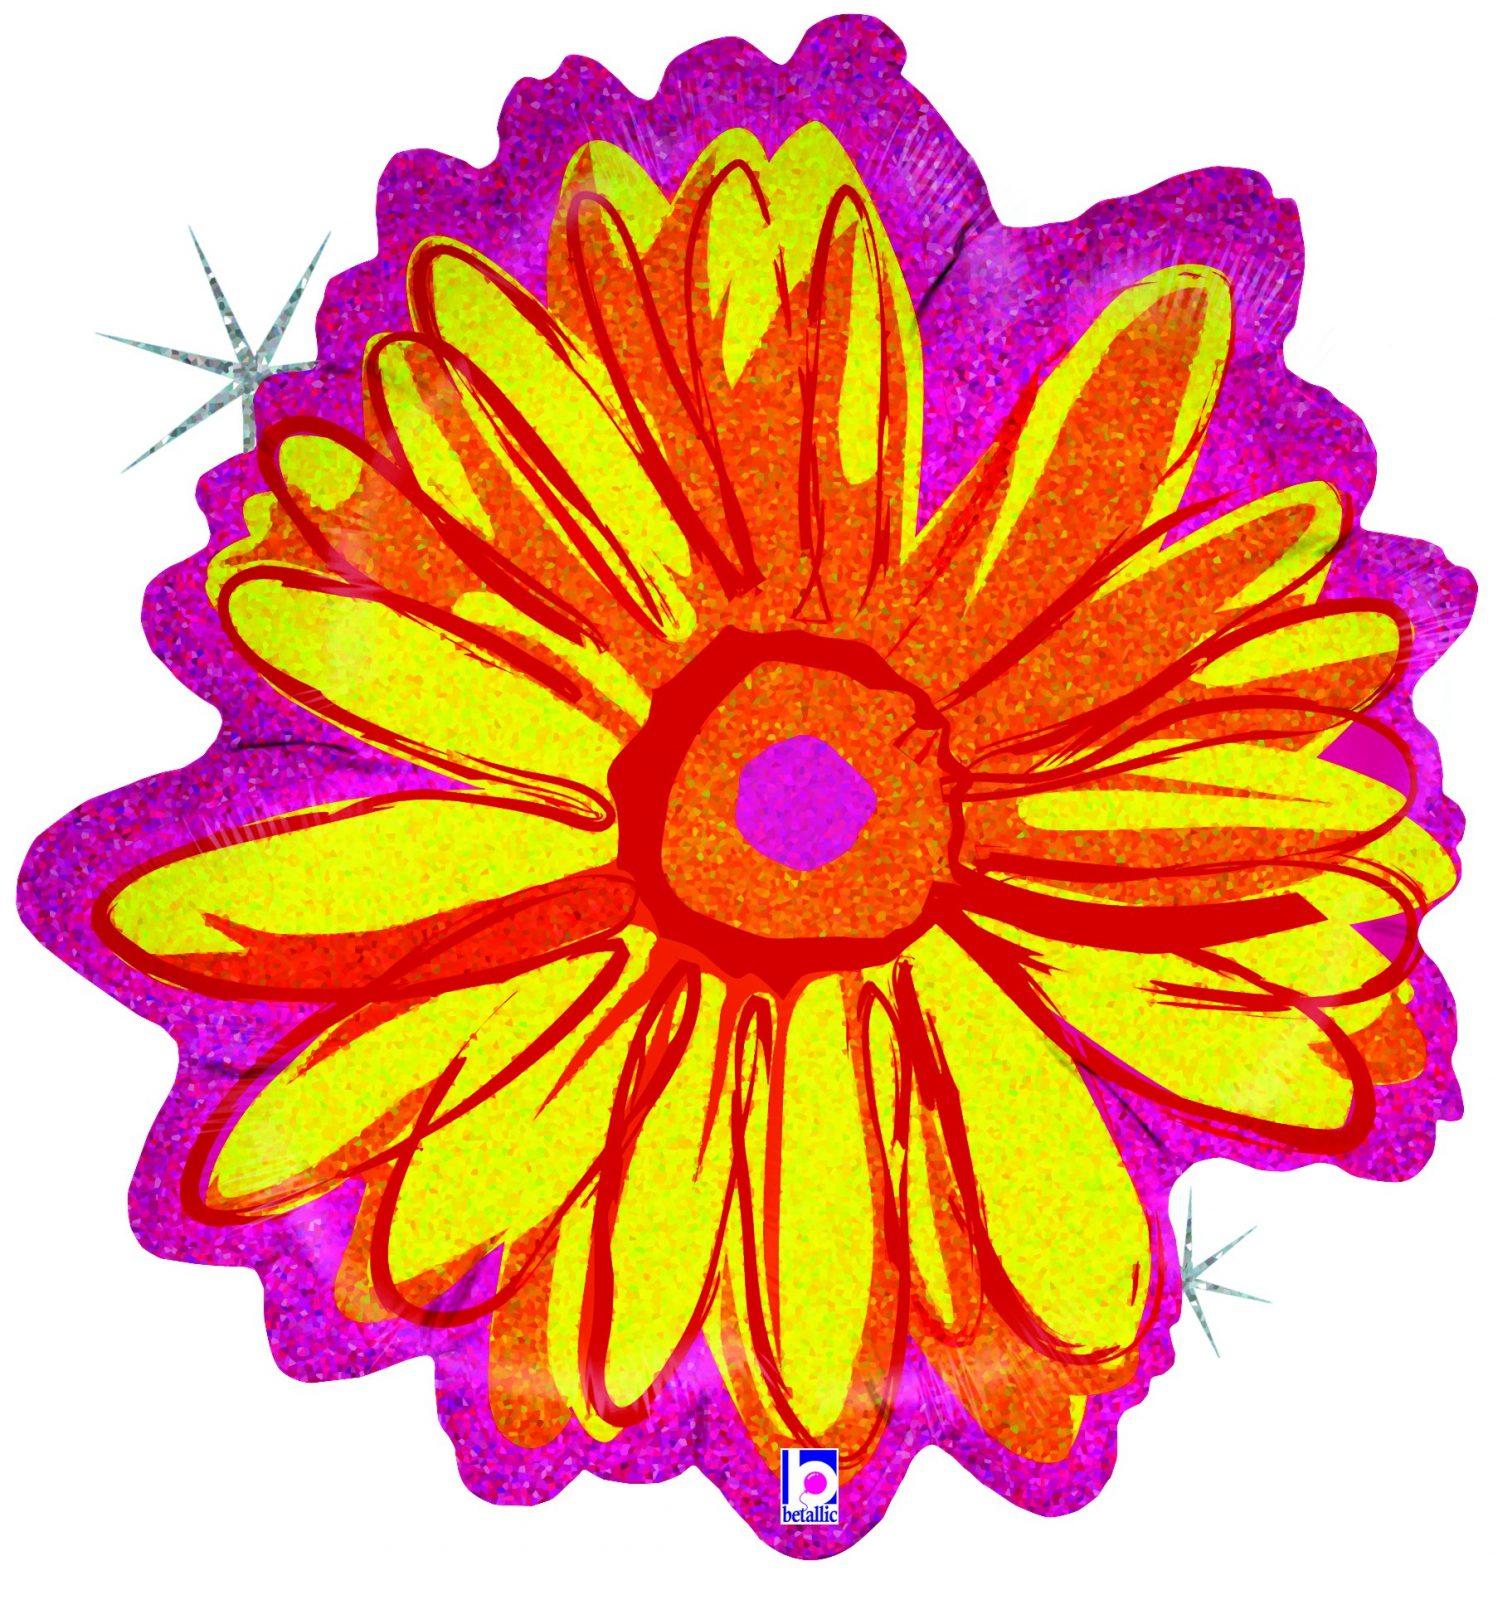 Μπαλόνι Κίτρινο Λουλούδι Που Ιριδίζει